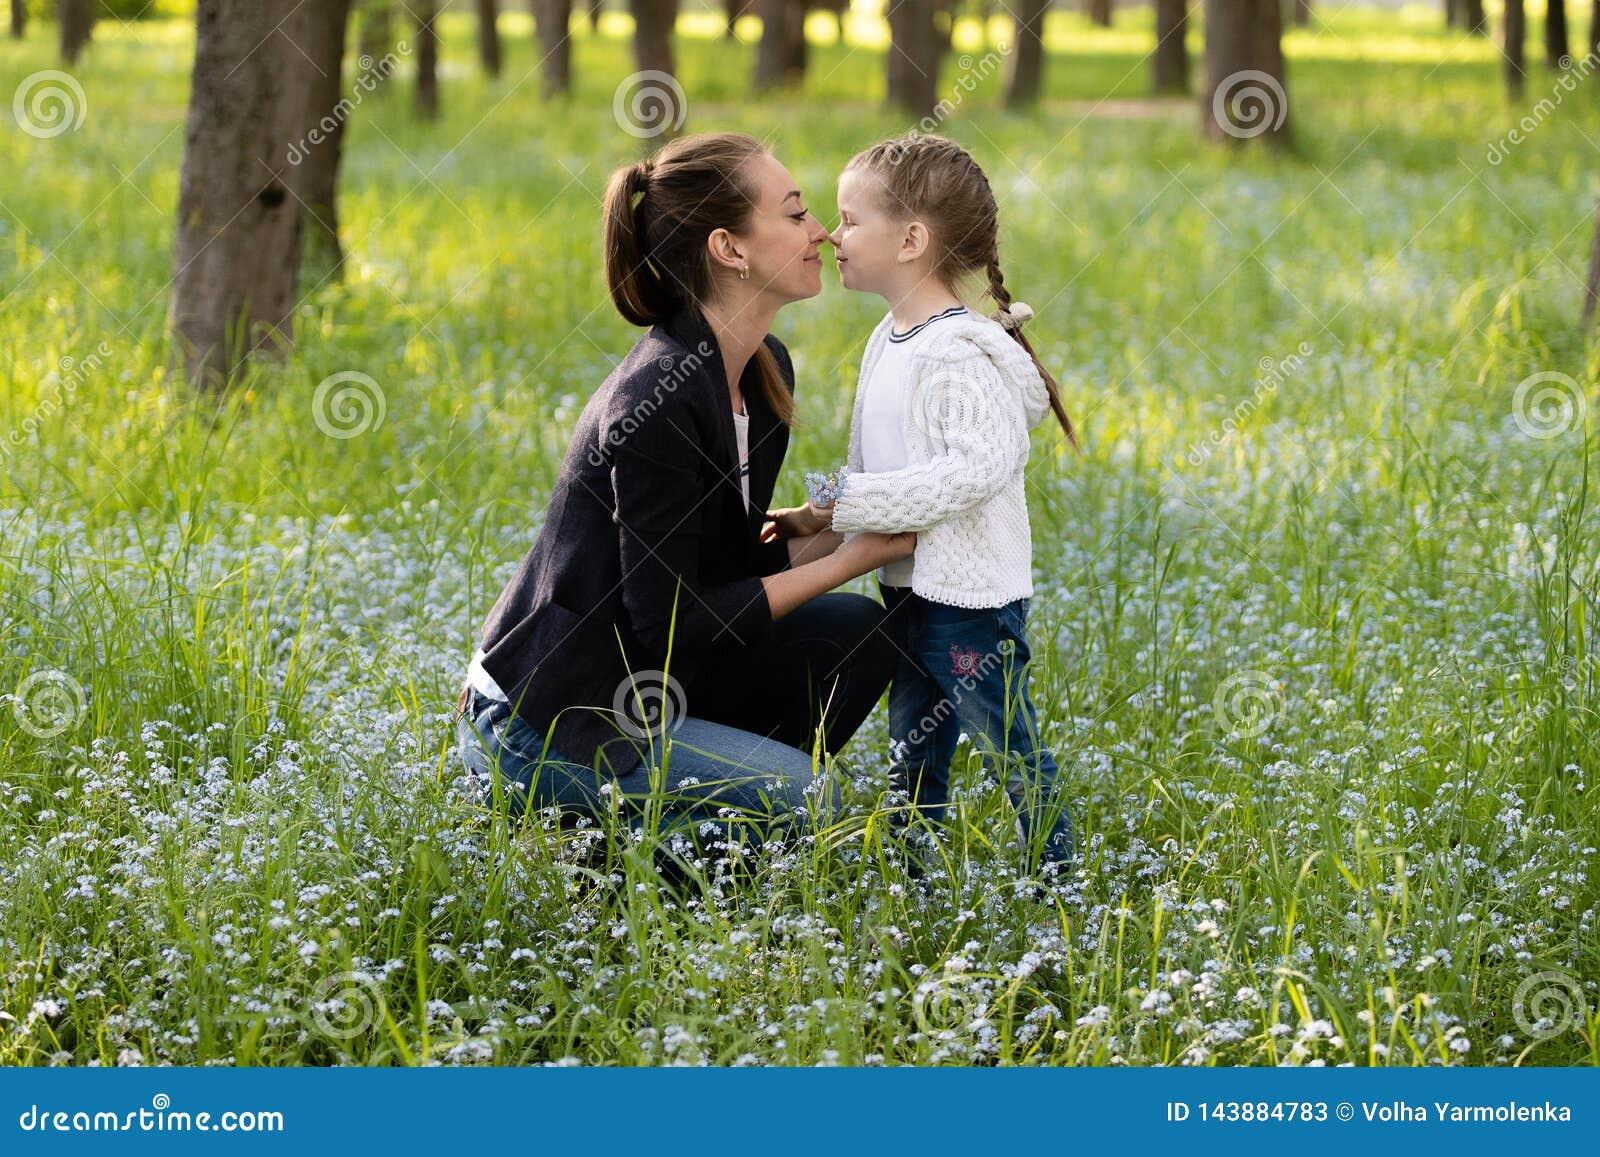 La mamma accovacciata e tocca delicatamente il naso della figlia